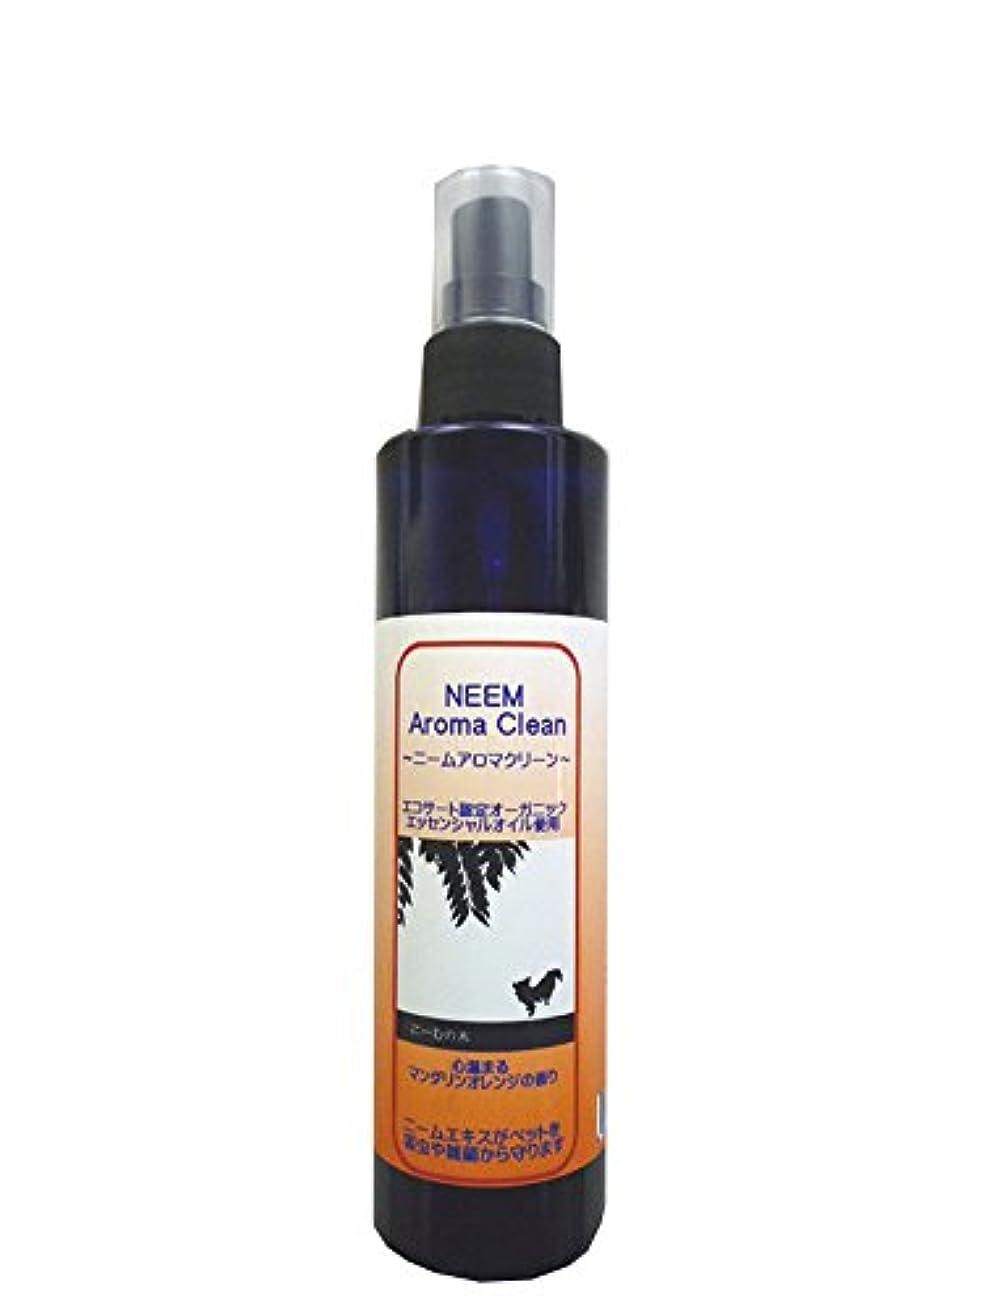 スラッシュこの腹痛ニームアロマクリーン(マンダリンオレンジ) NEEM Aroma Clean 200ml 【BLOOM】【(ノミ?ダニ)駆除用としてもお使いいただけます。】